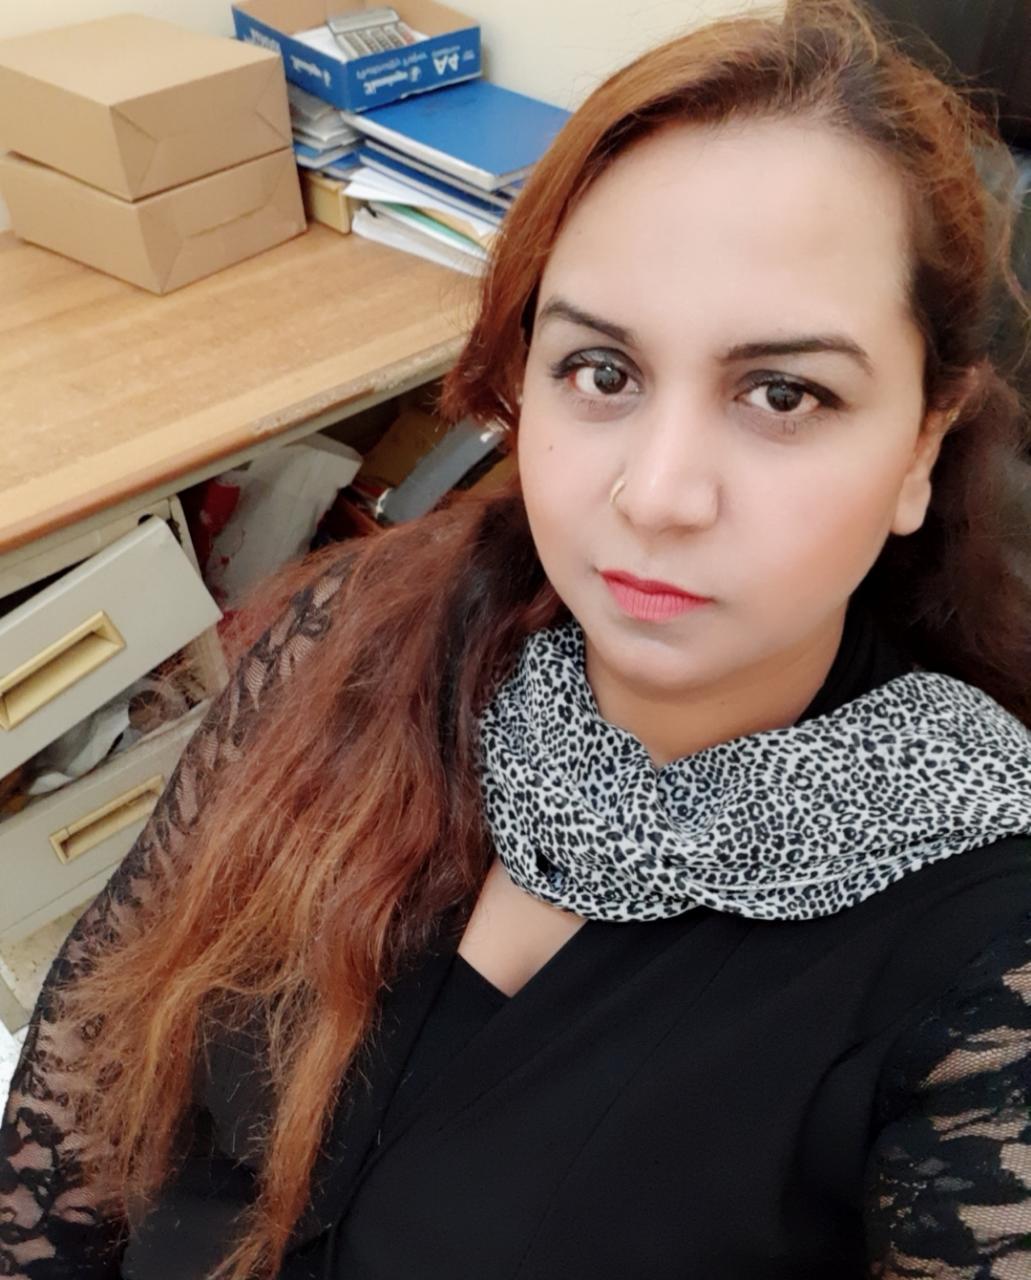 Sumairah_IM_2019072309073786.jpg